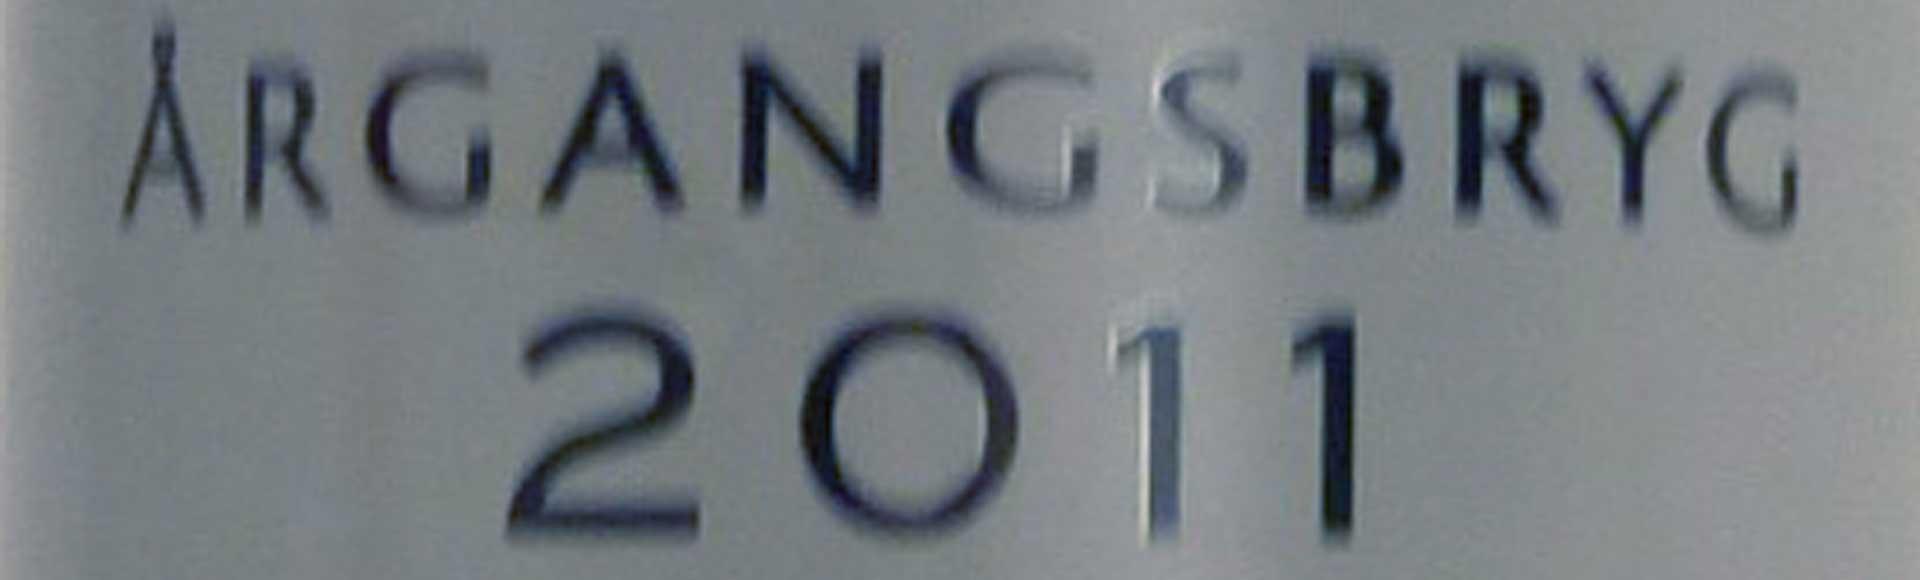 Harboe Årgangsbryg 2011